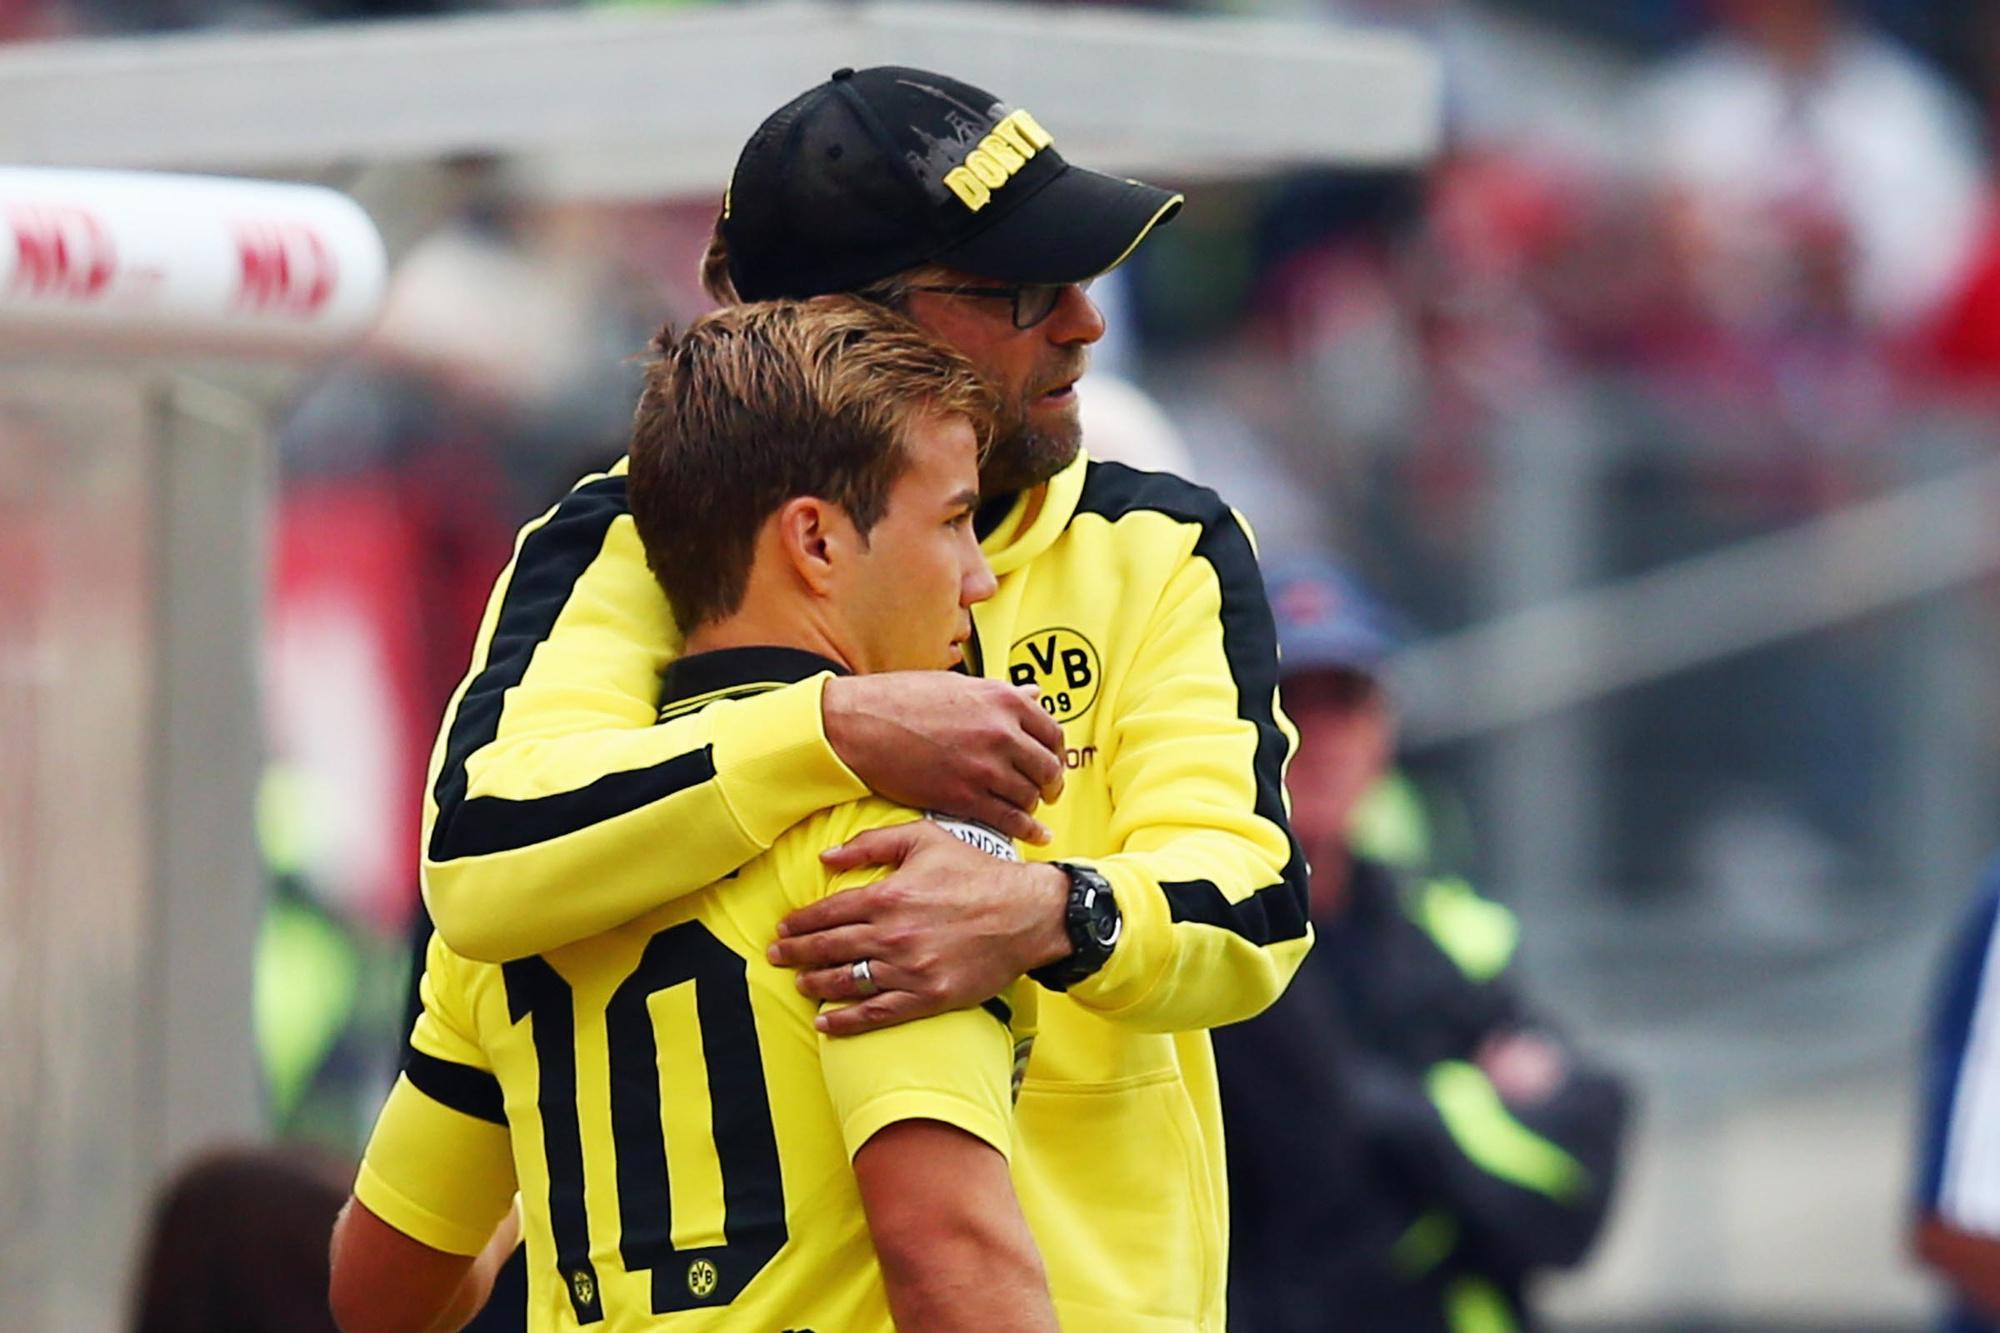 Mario Götze en zijn mentor Jürgen Klopp bij Borussia Dortmund., GETTY